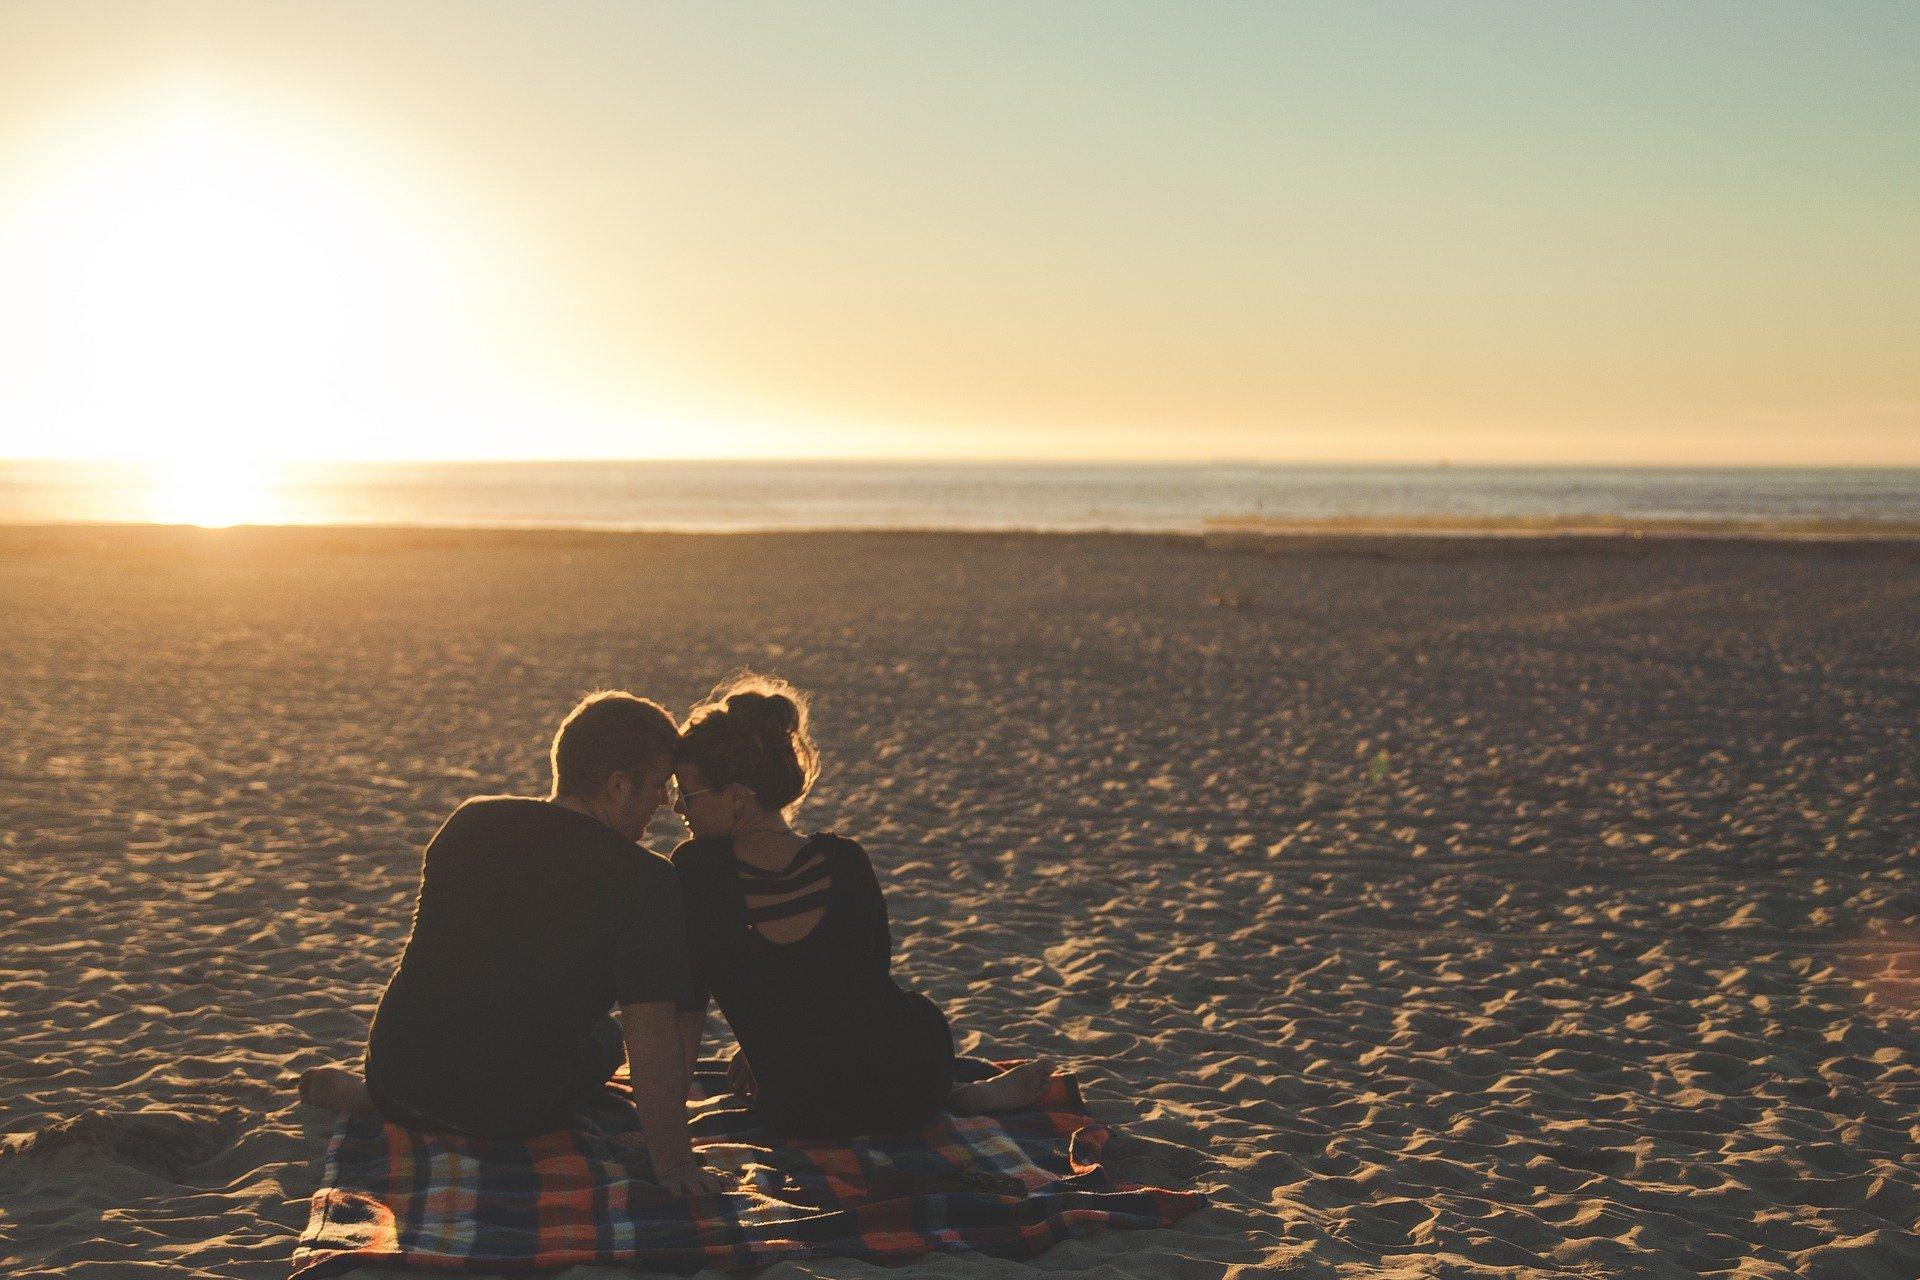 婚外恋愛のきっかけは?不倫との違いとハマる理由はなに?始める前に知っておきたいリスクもご紹介